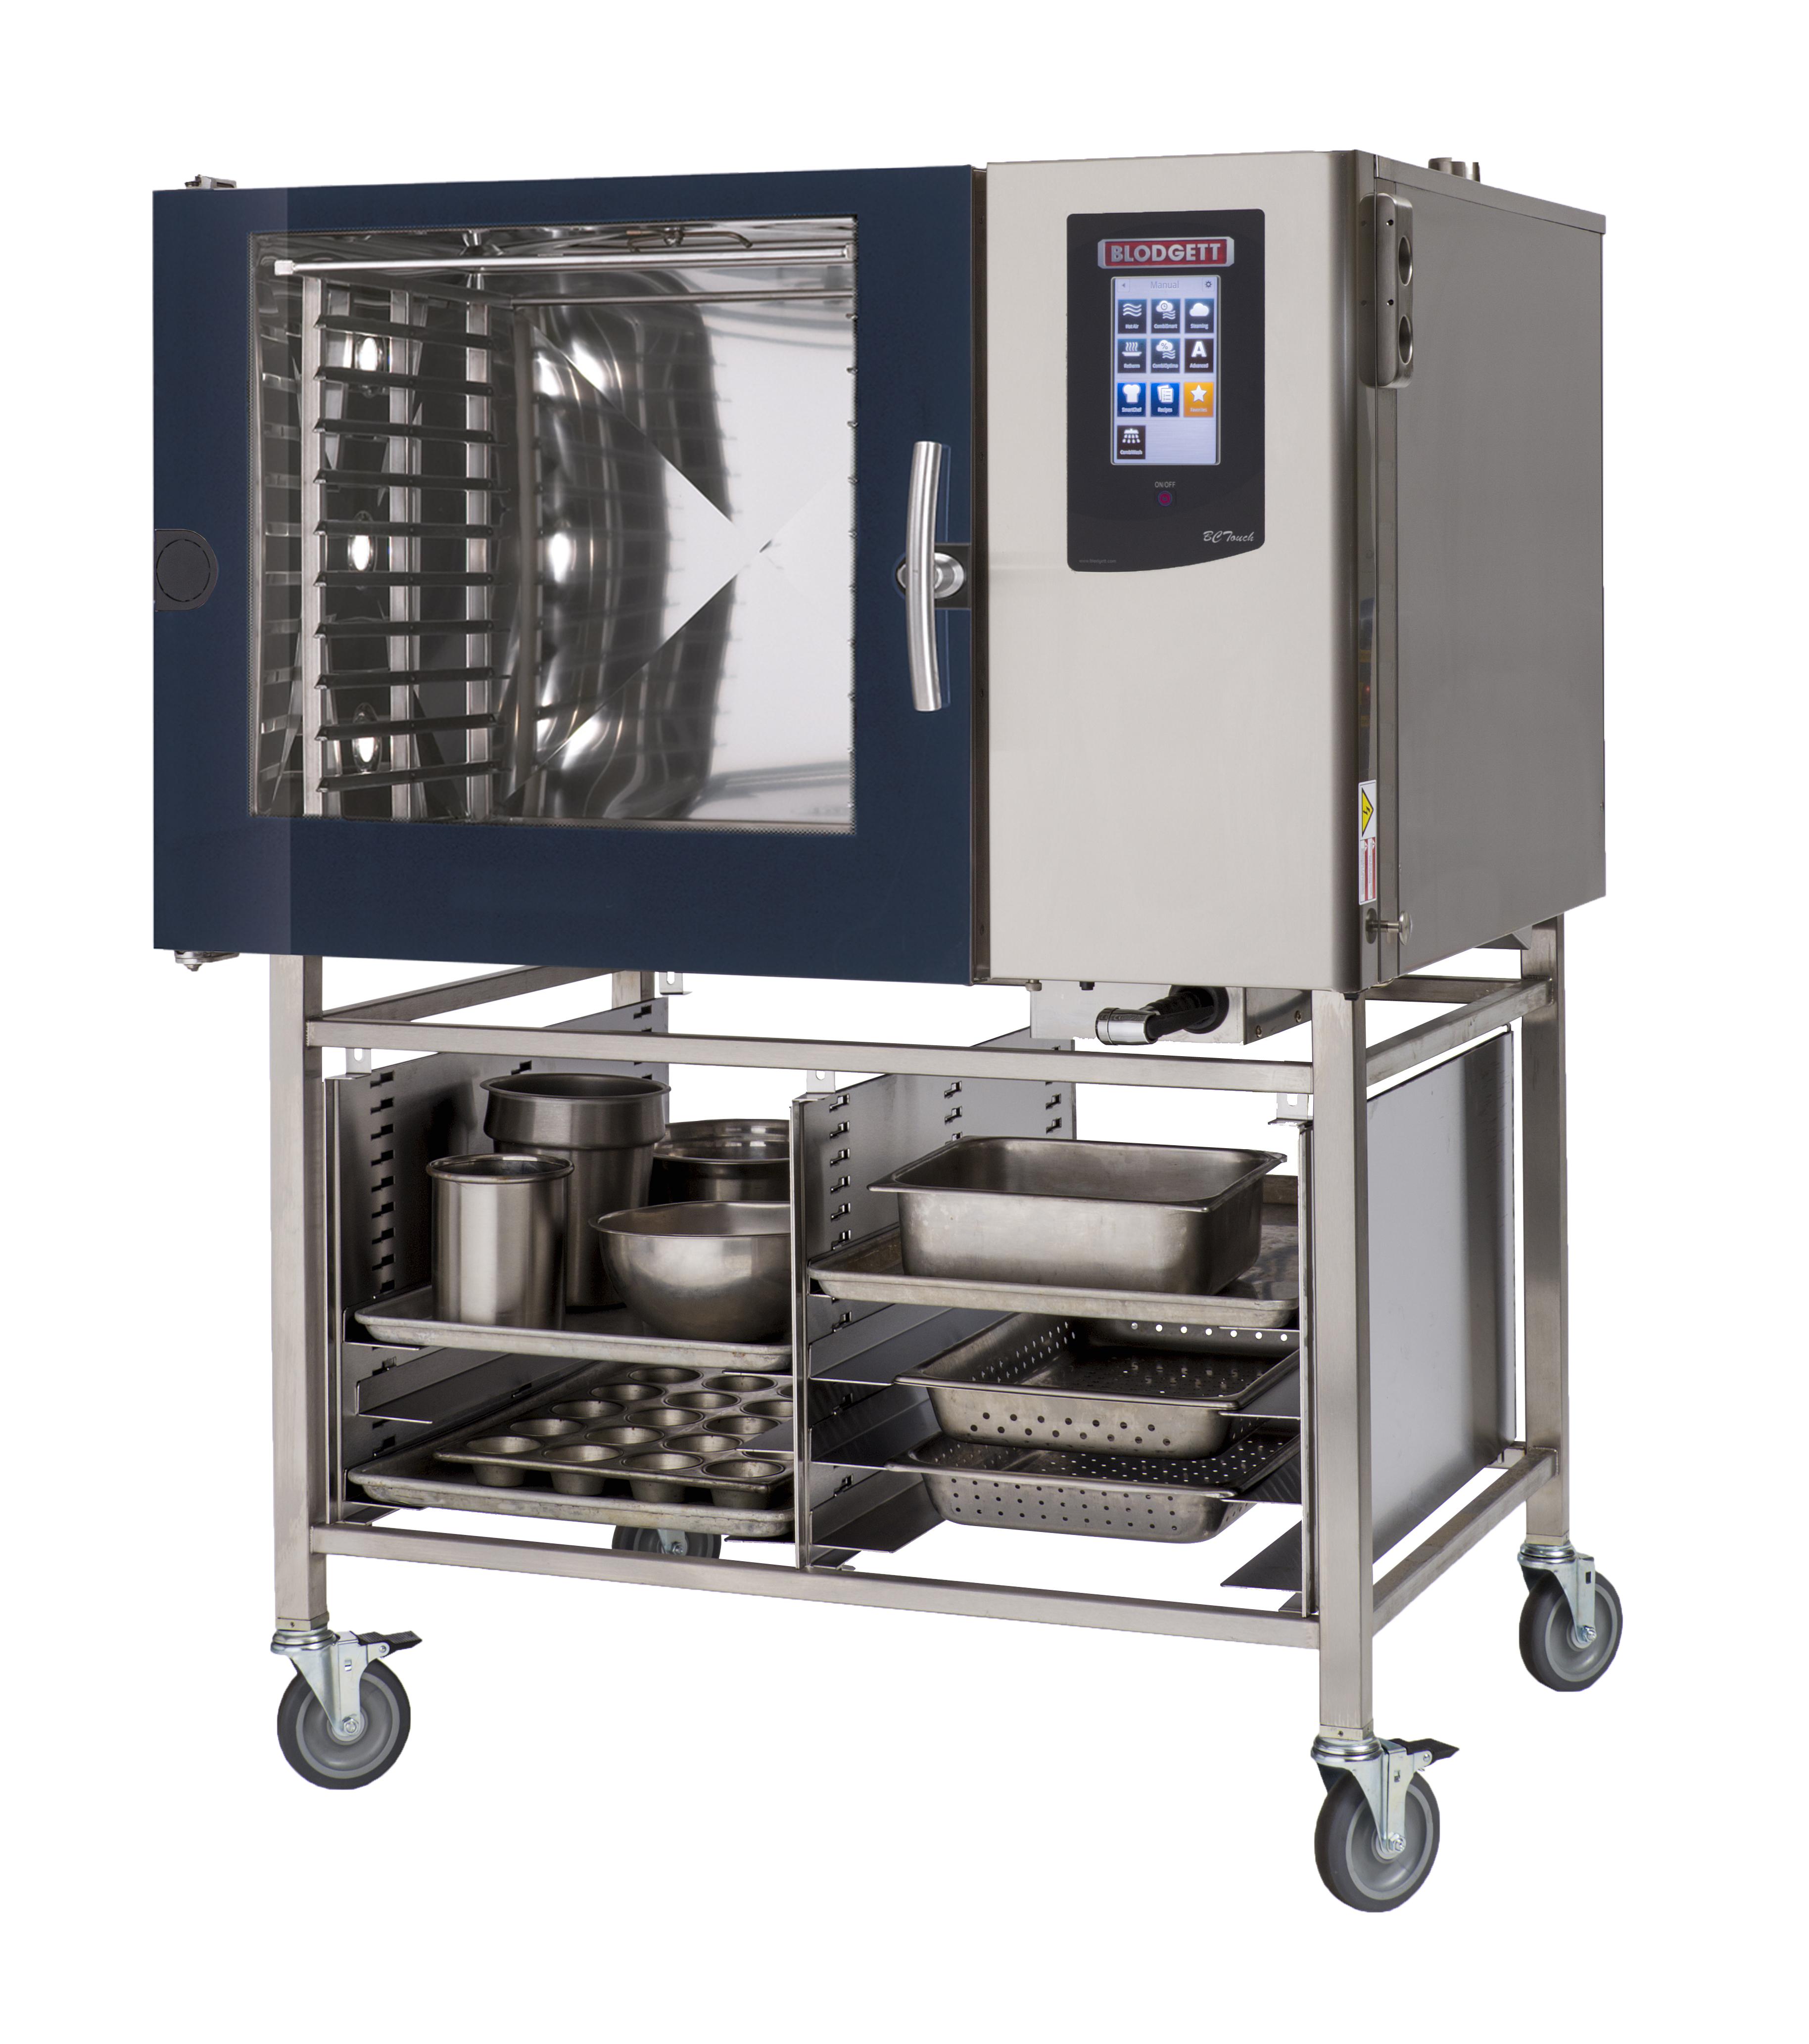 Blodgett BCT62G combi oven